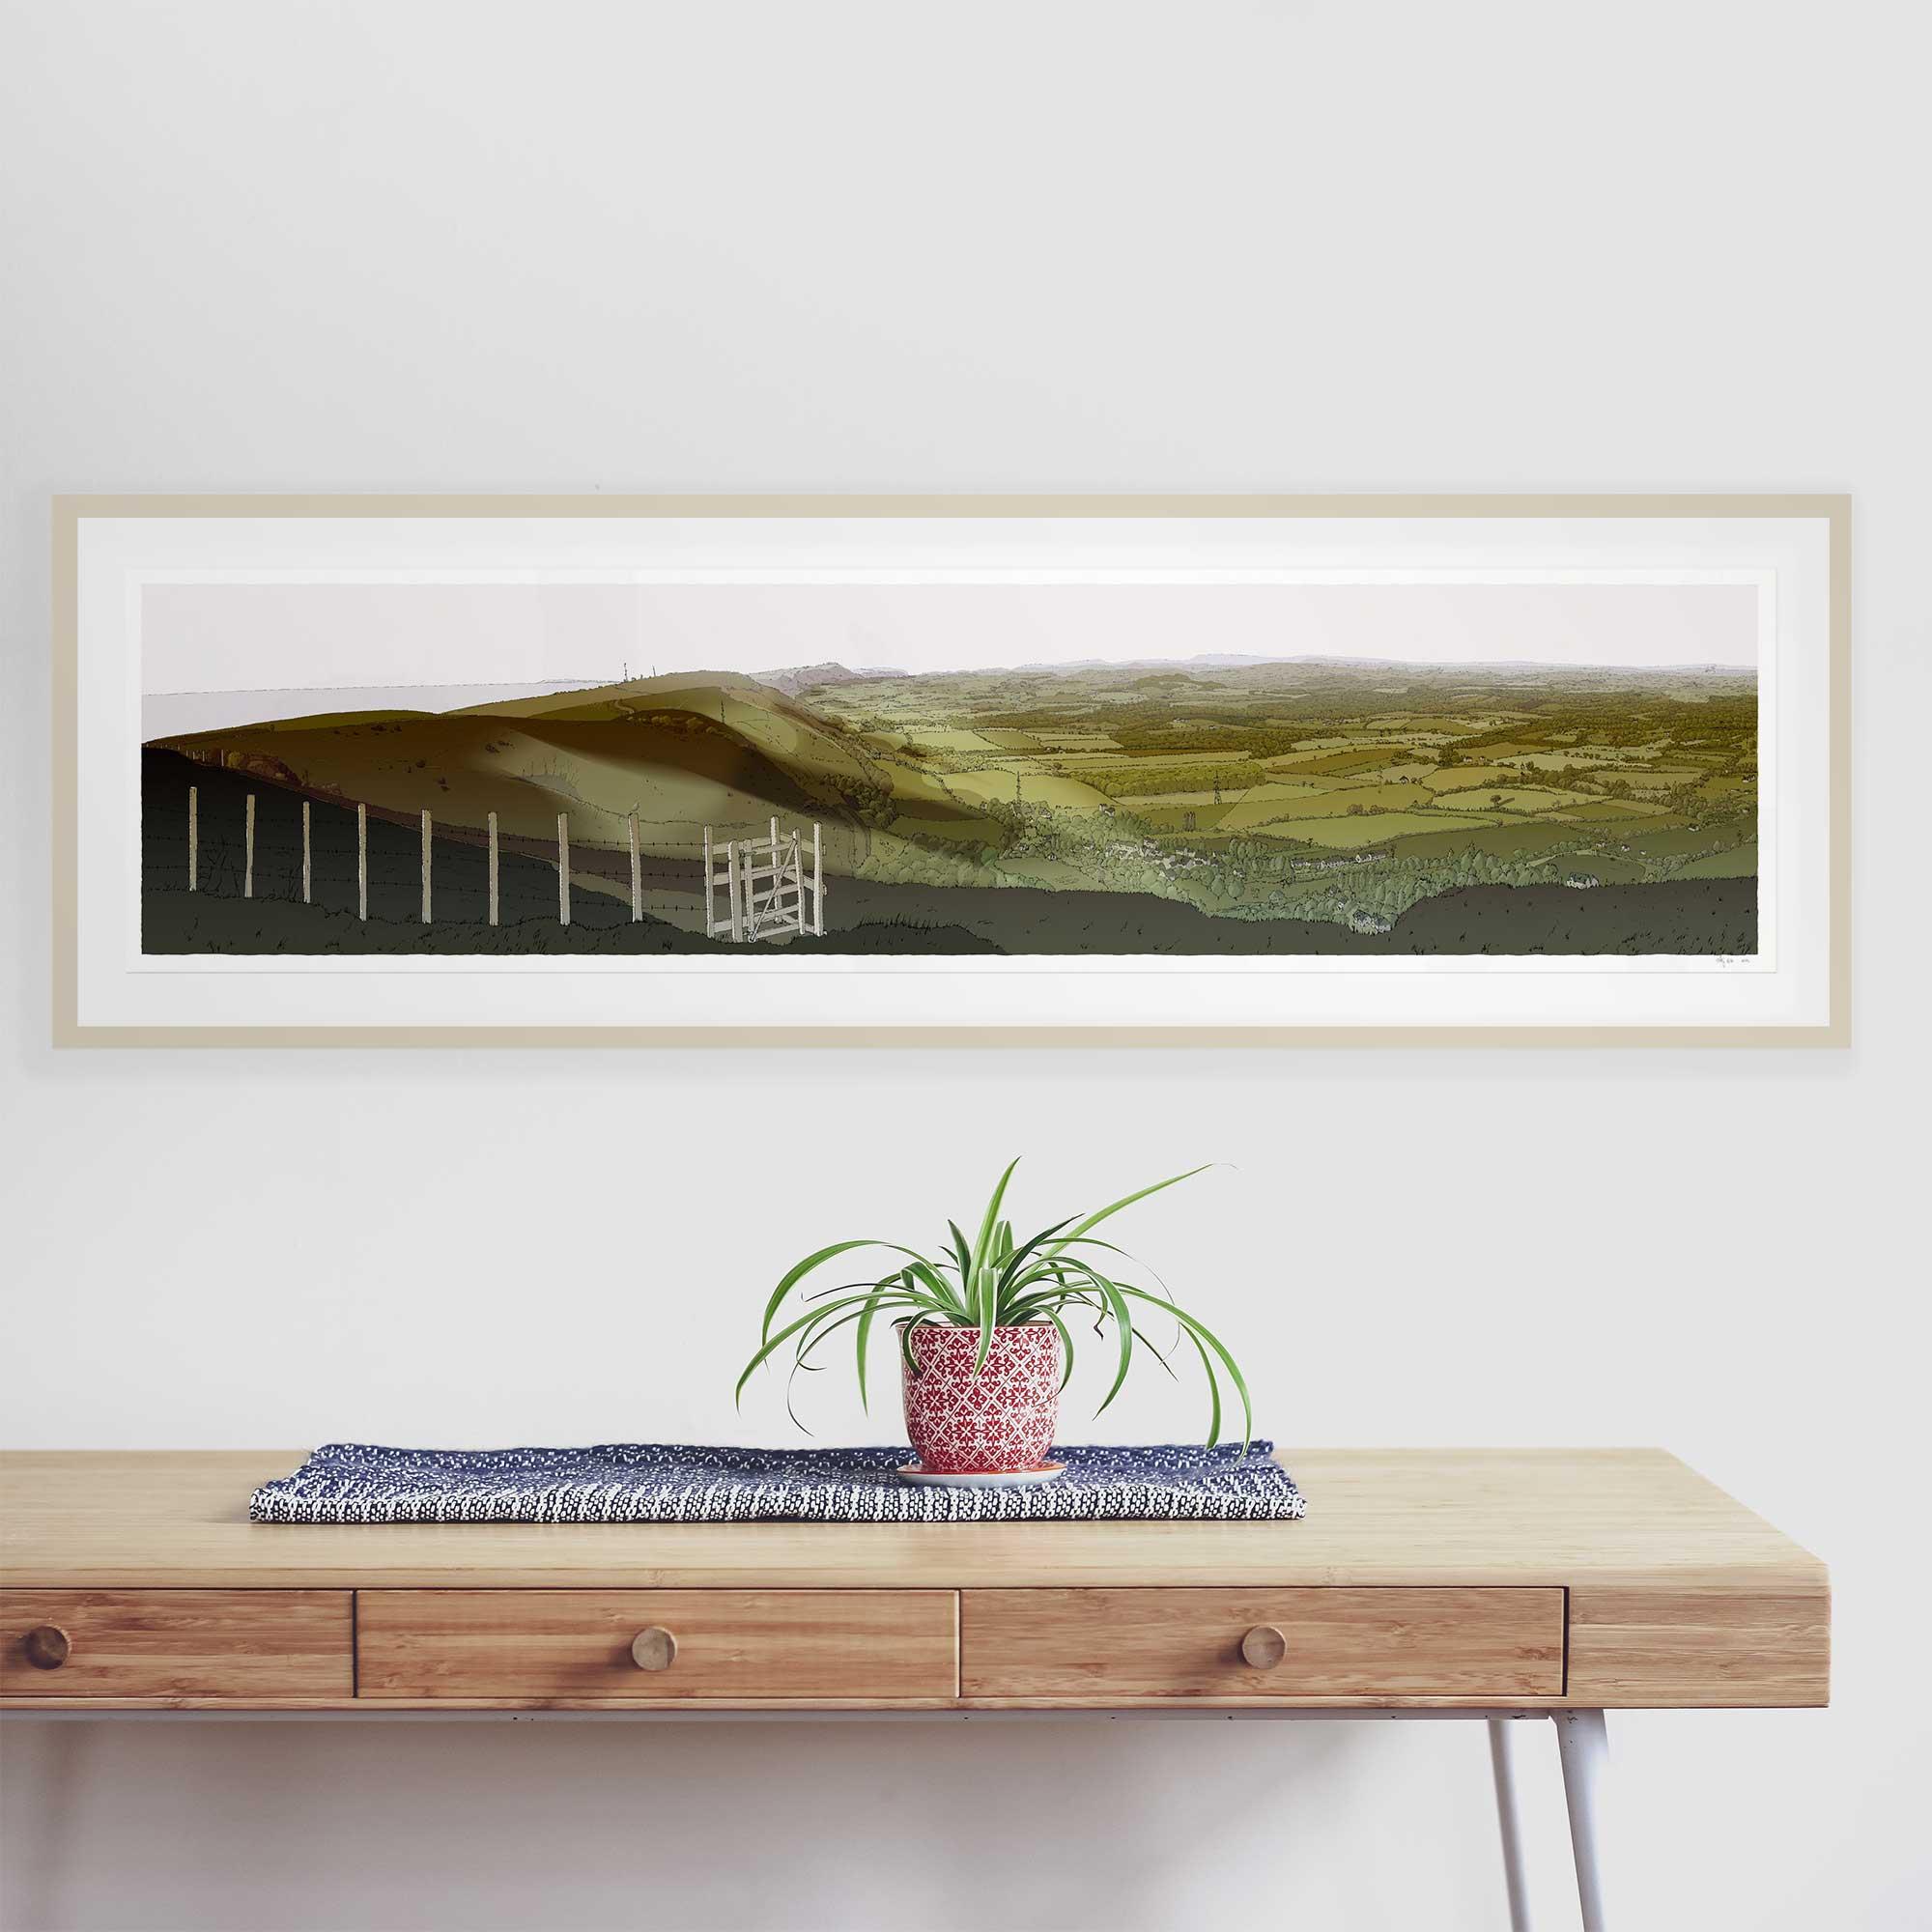 framed print by artist alej ez The Lark ascending. The Sussex Weald from Devils Dyke Season Fall